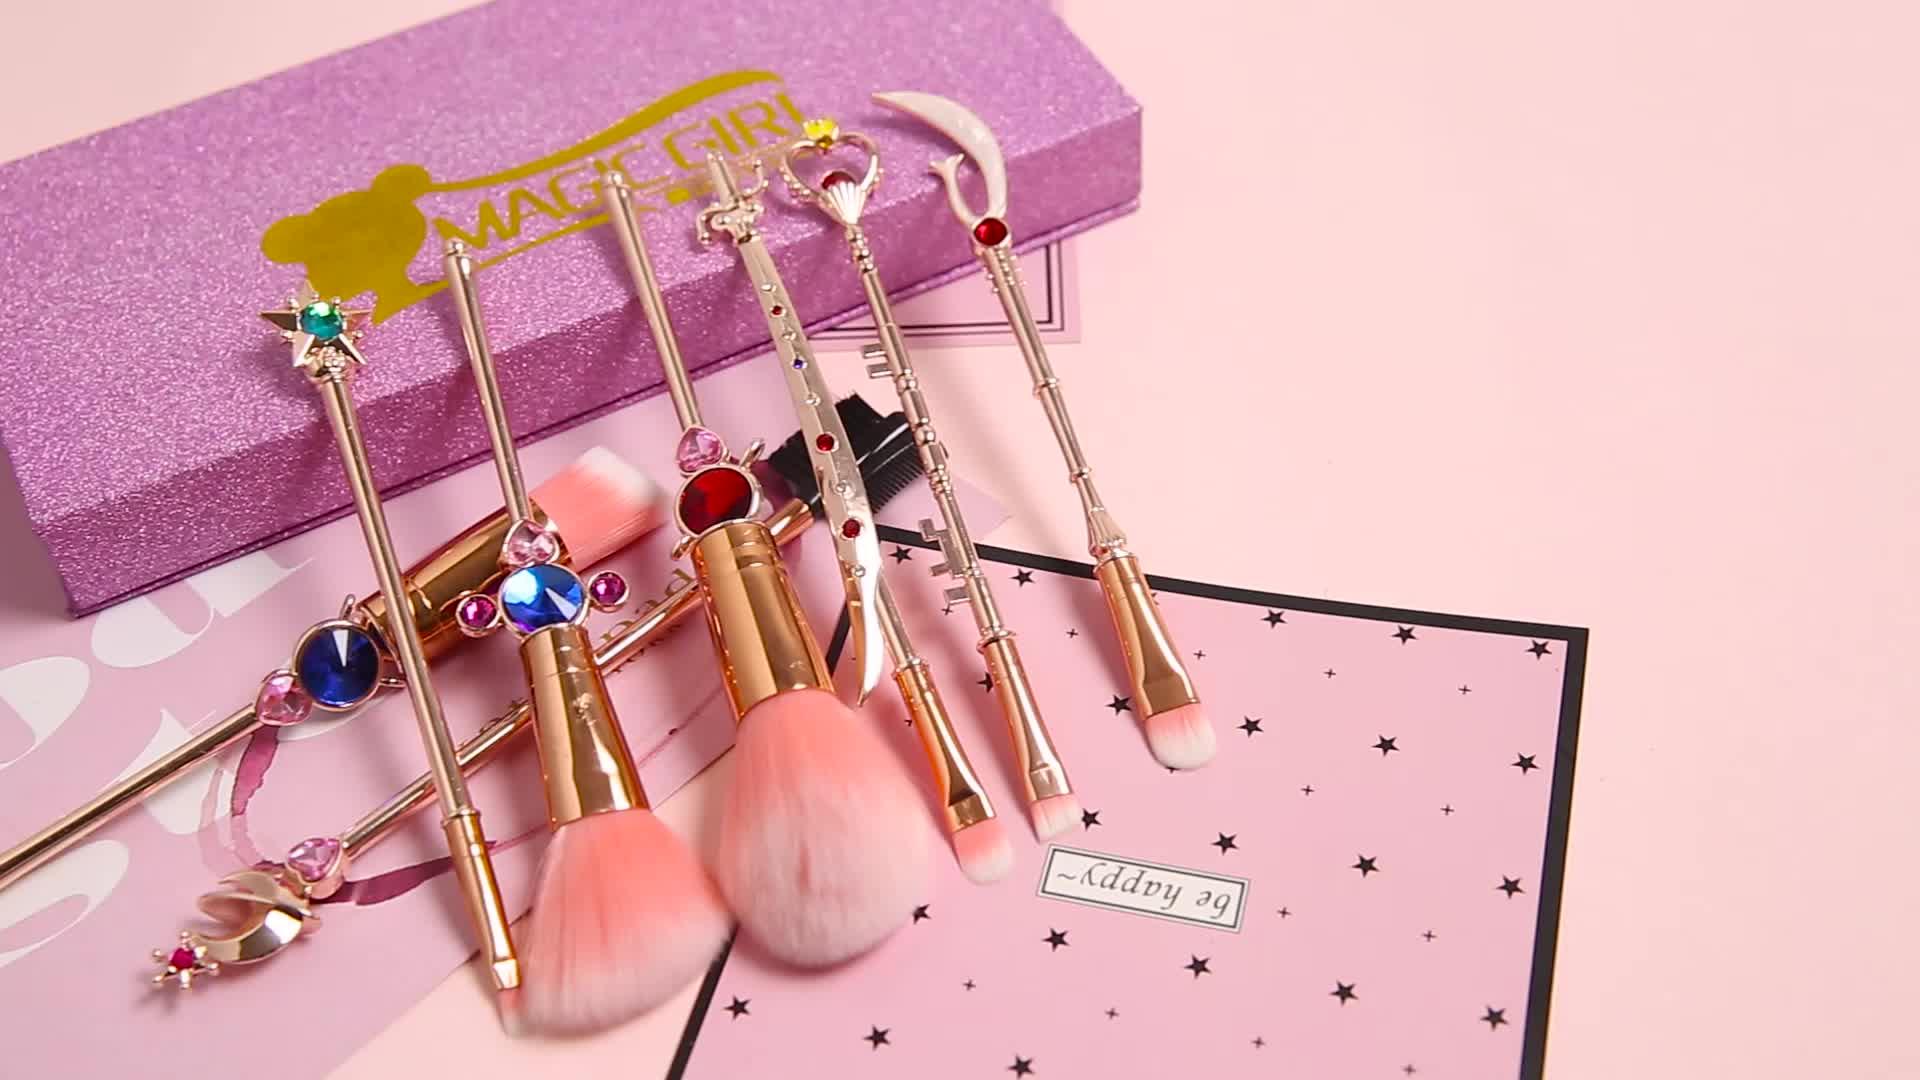 De Metal de polvo cosmético de La Fundación Kits de maquillaje de cara herramienta marinero Luna 8 pcs belleza cuidado de la cara de herramientas de maquillaje que cepillos